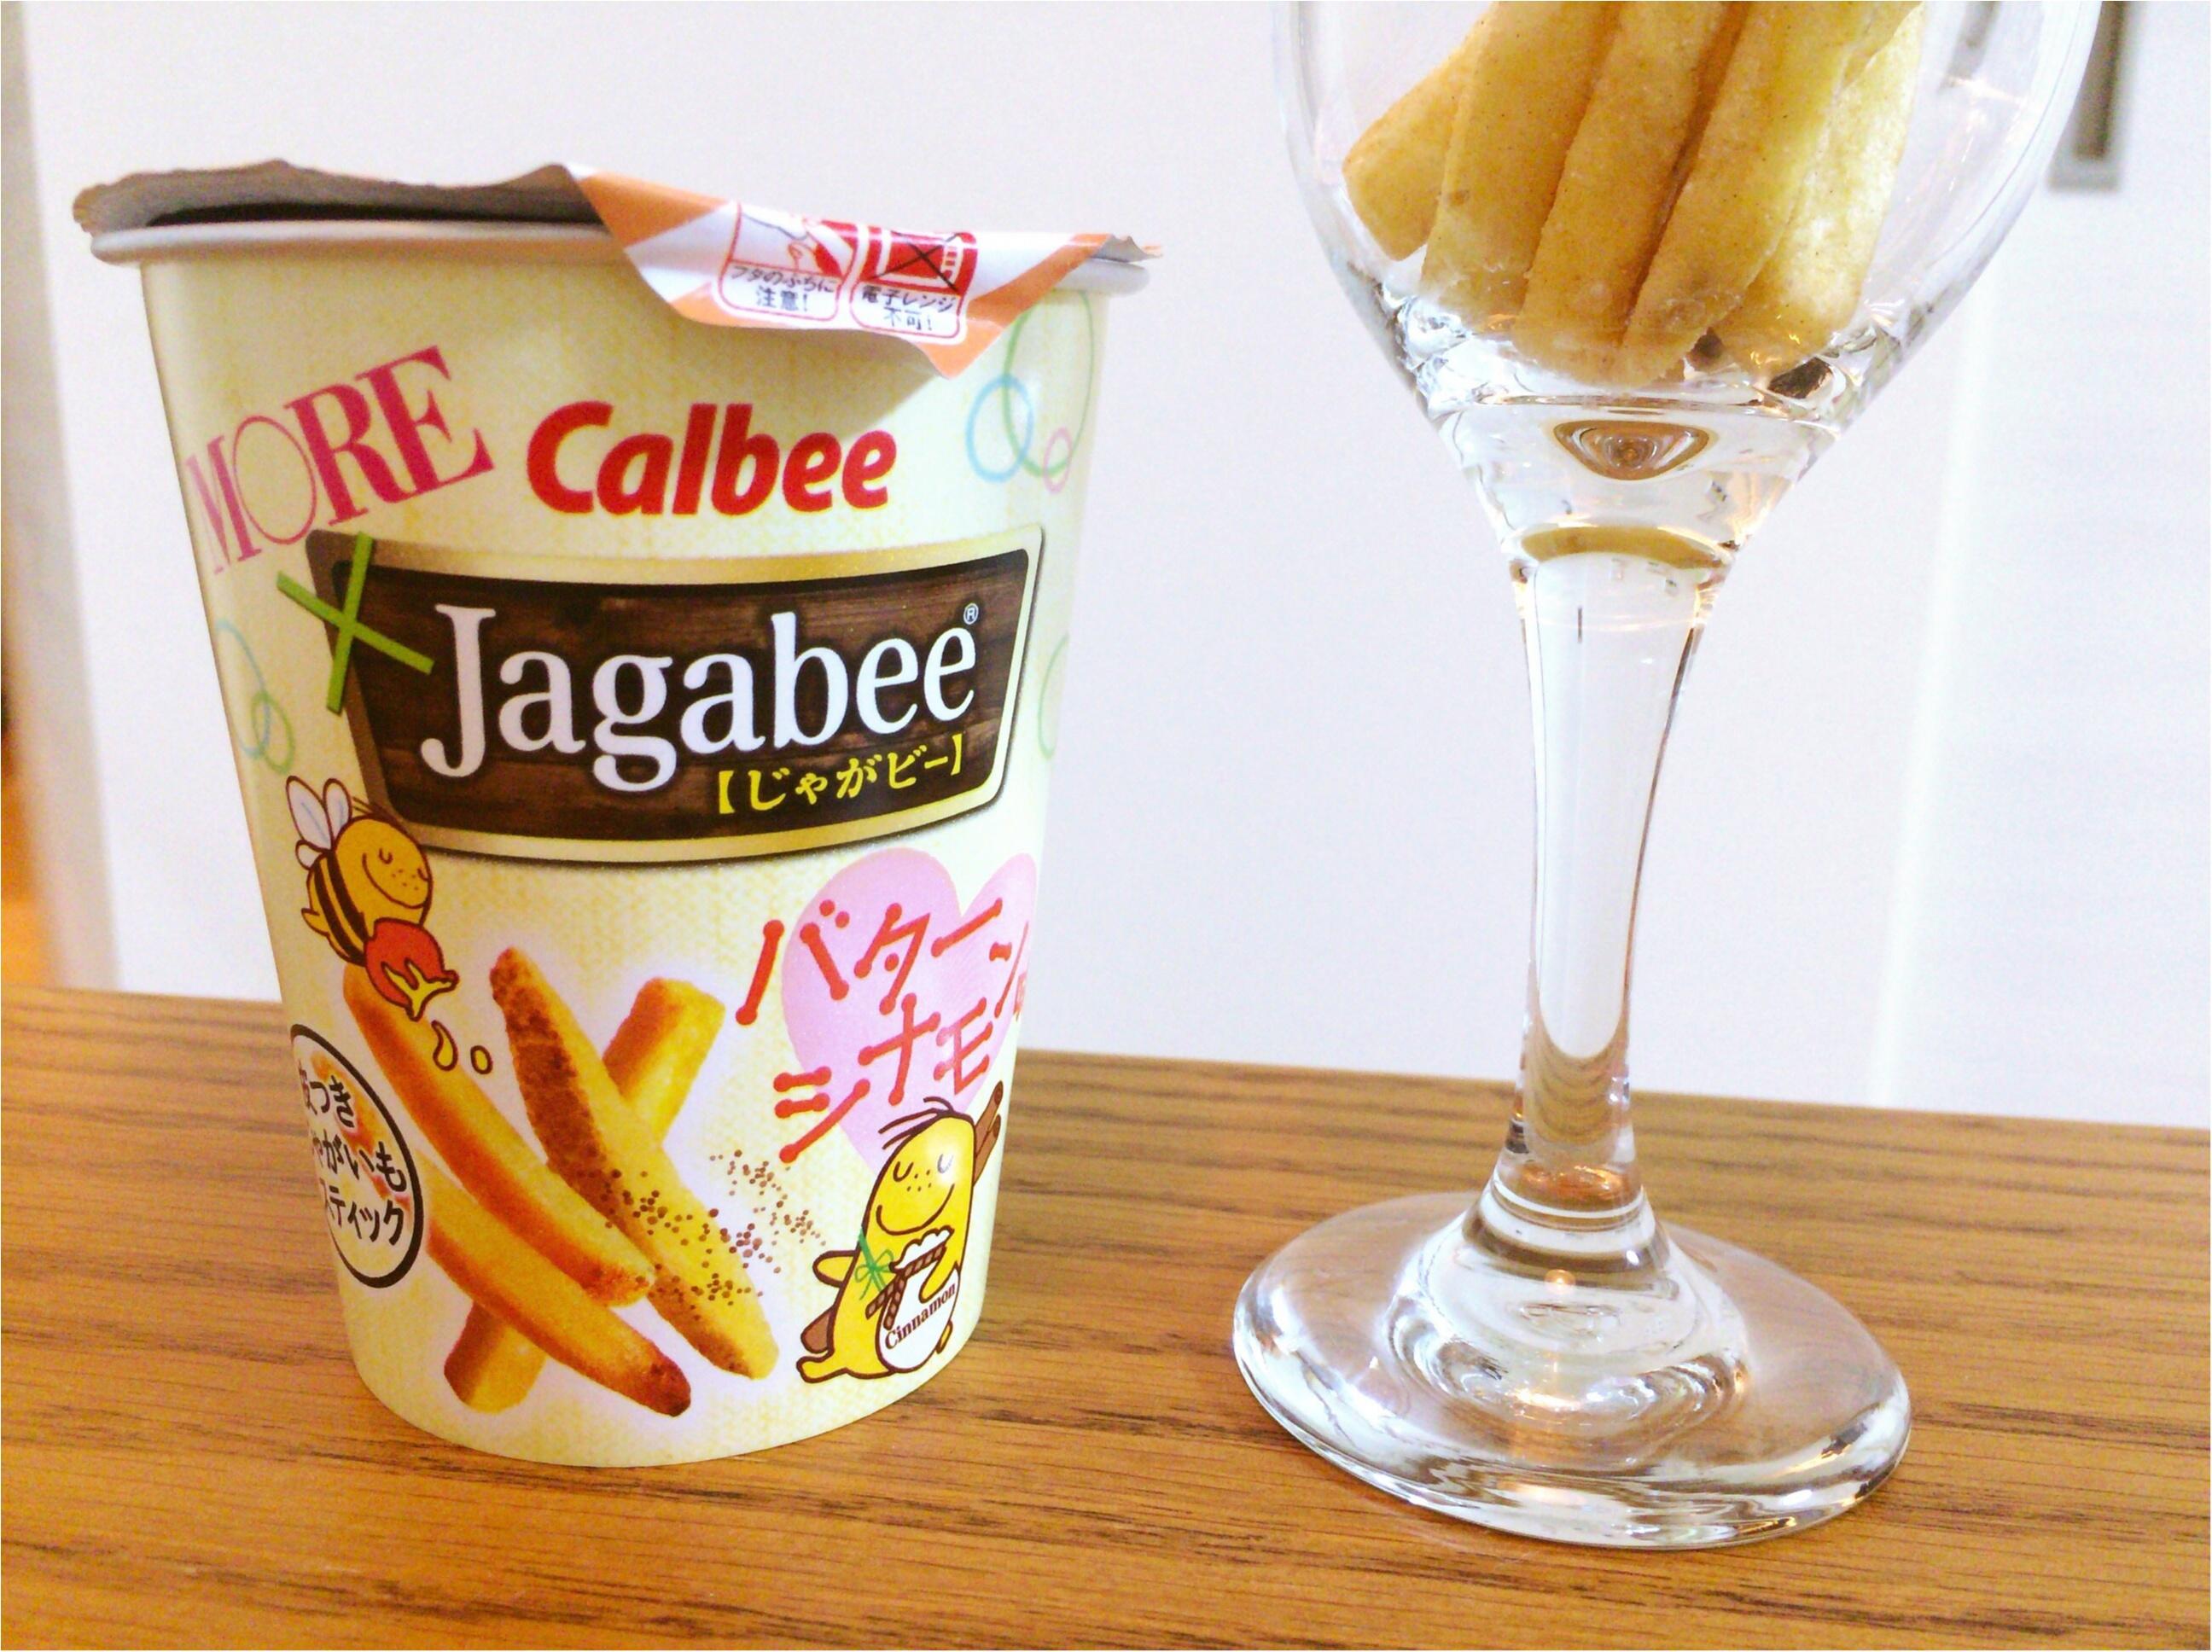 まだ食べてない?【バターシナモン味】甘じょっぱいがたまらん!『MORE』『Calbee』コラボのスイーツ系♡コンビニ先行発売中‼︎_1